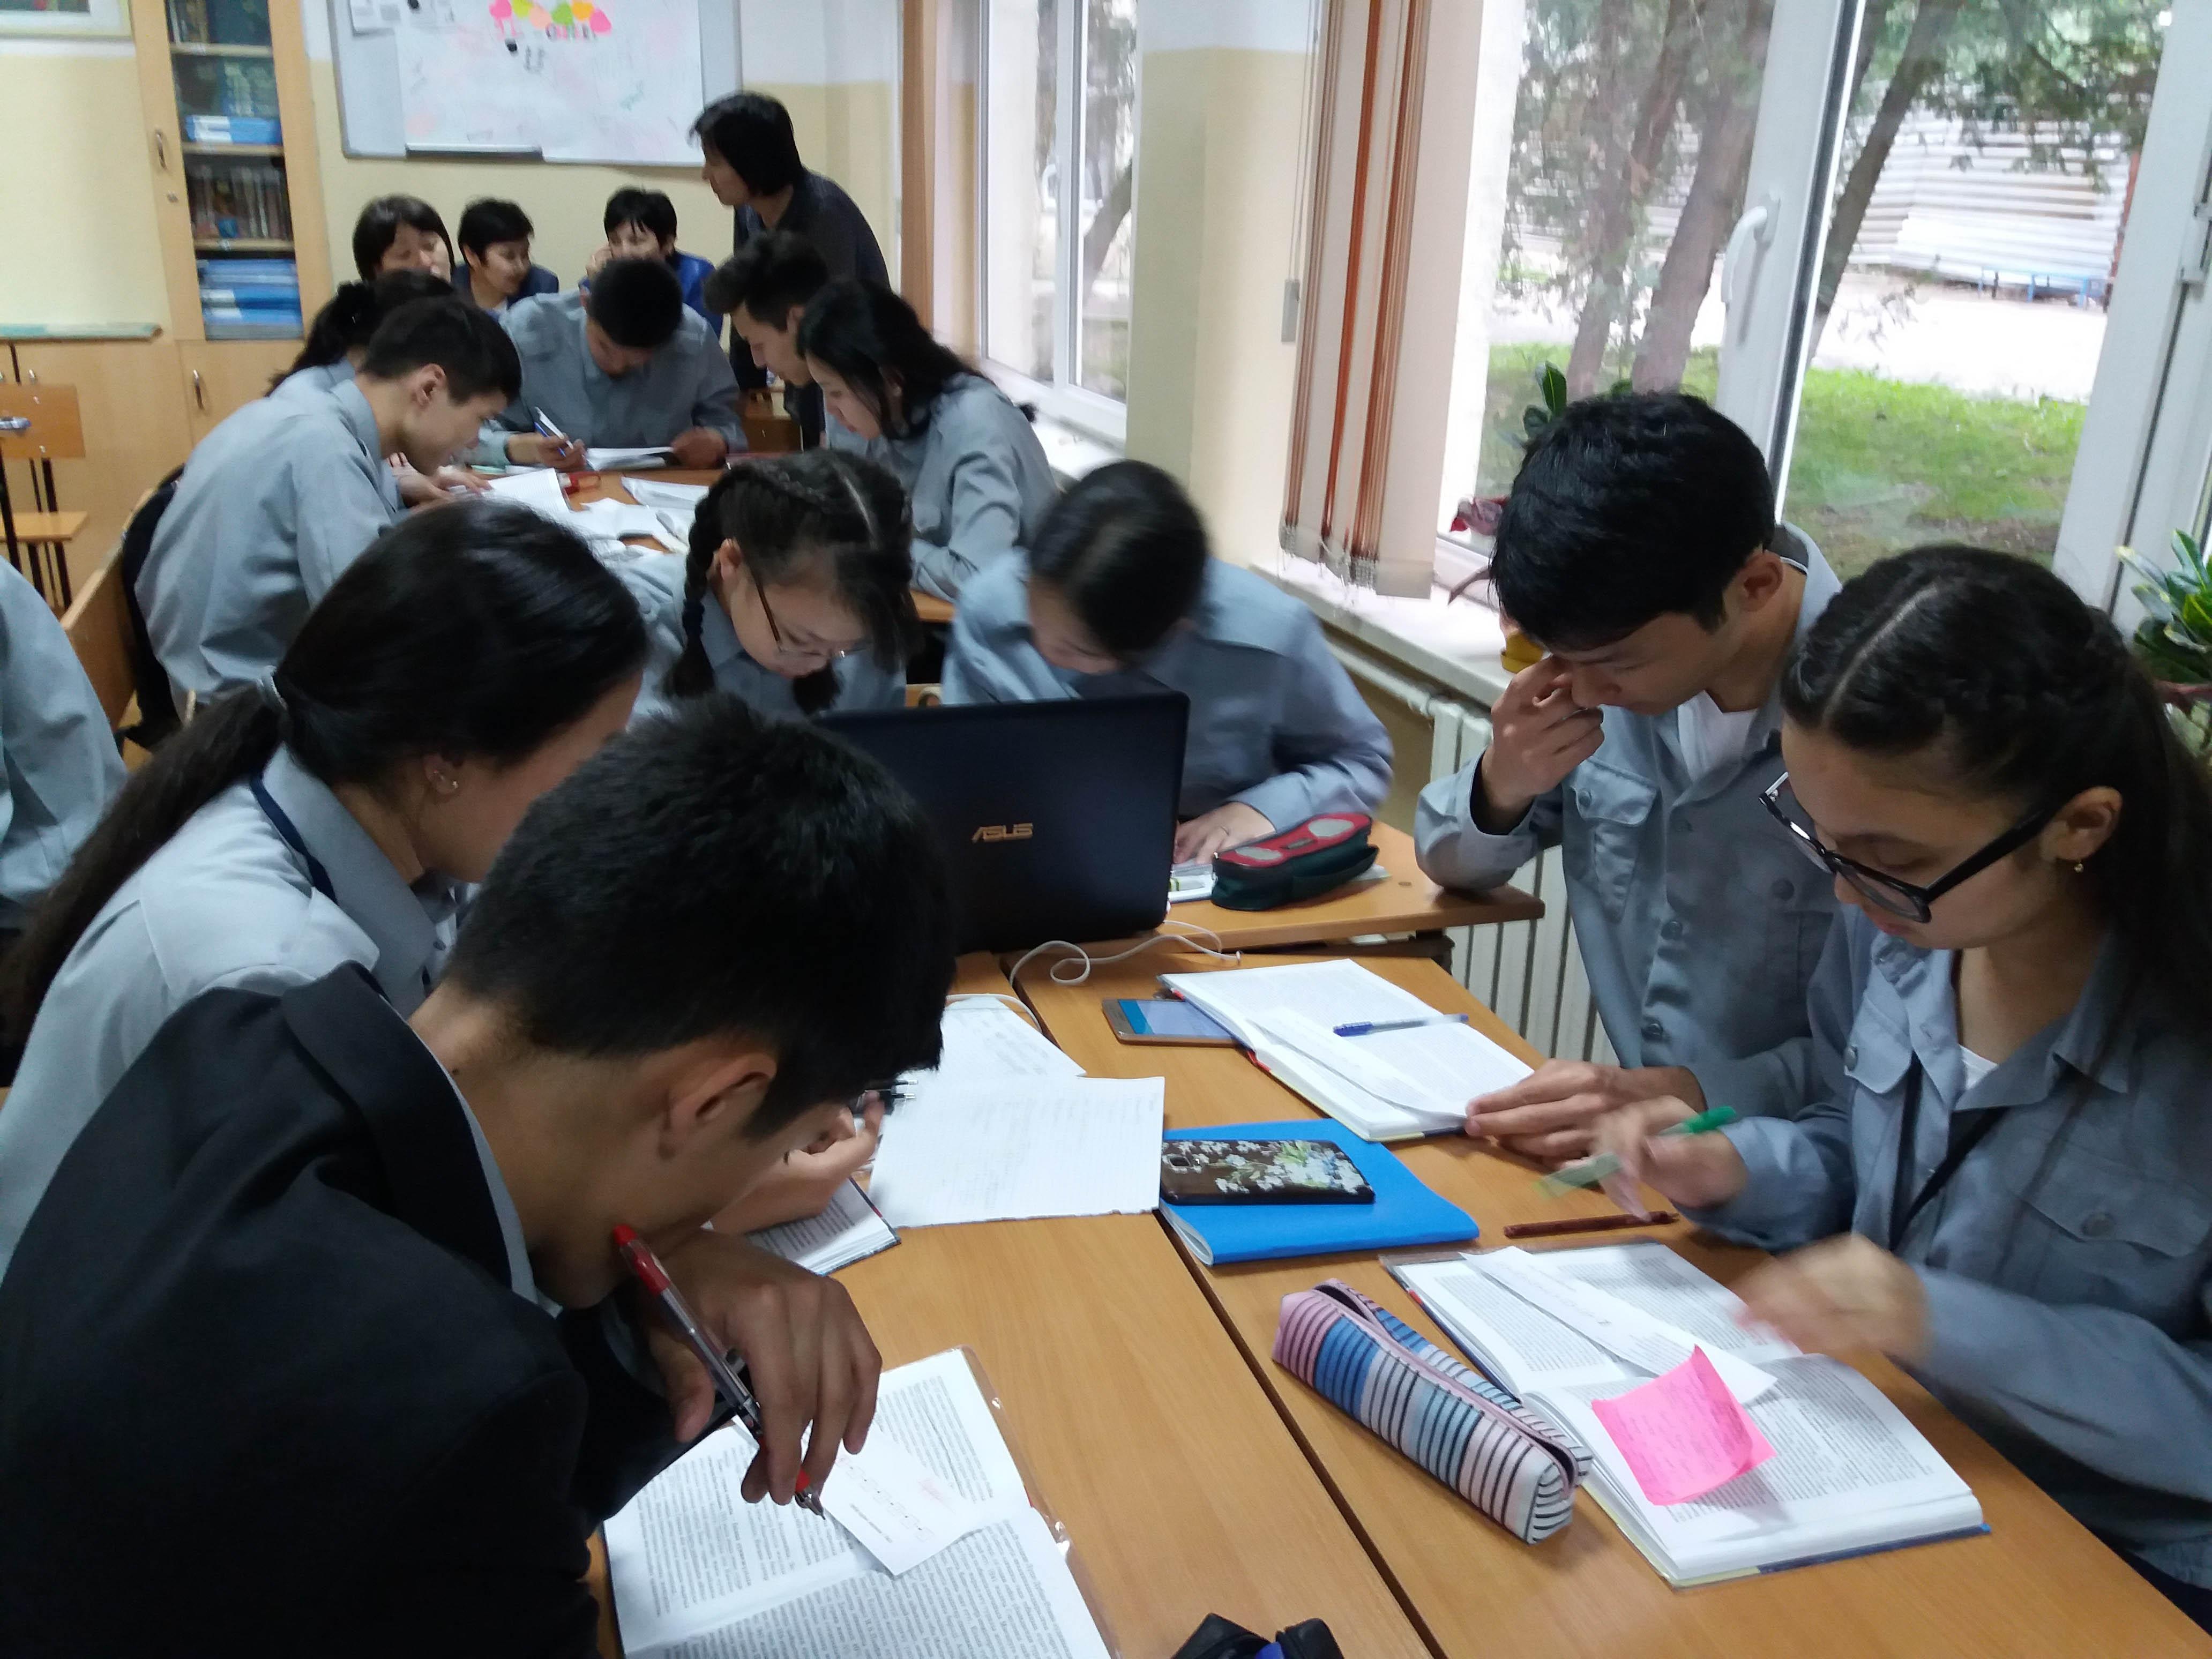 Методы и стратегии для создания интересного урока